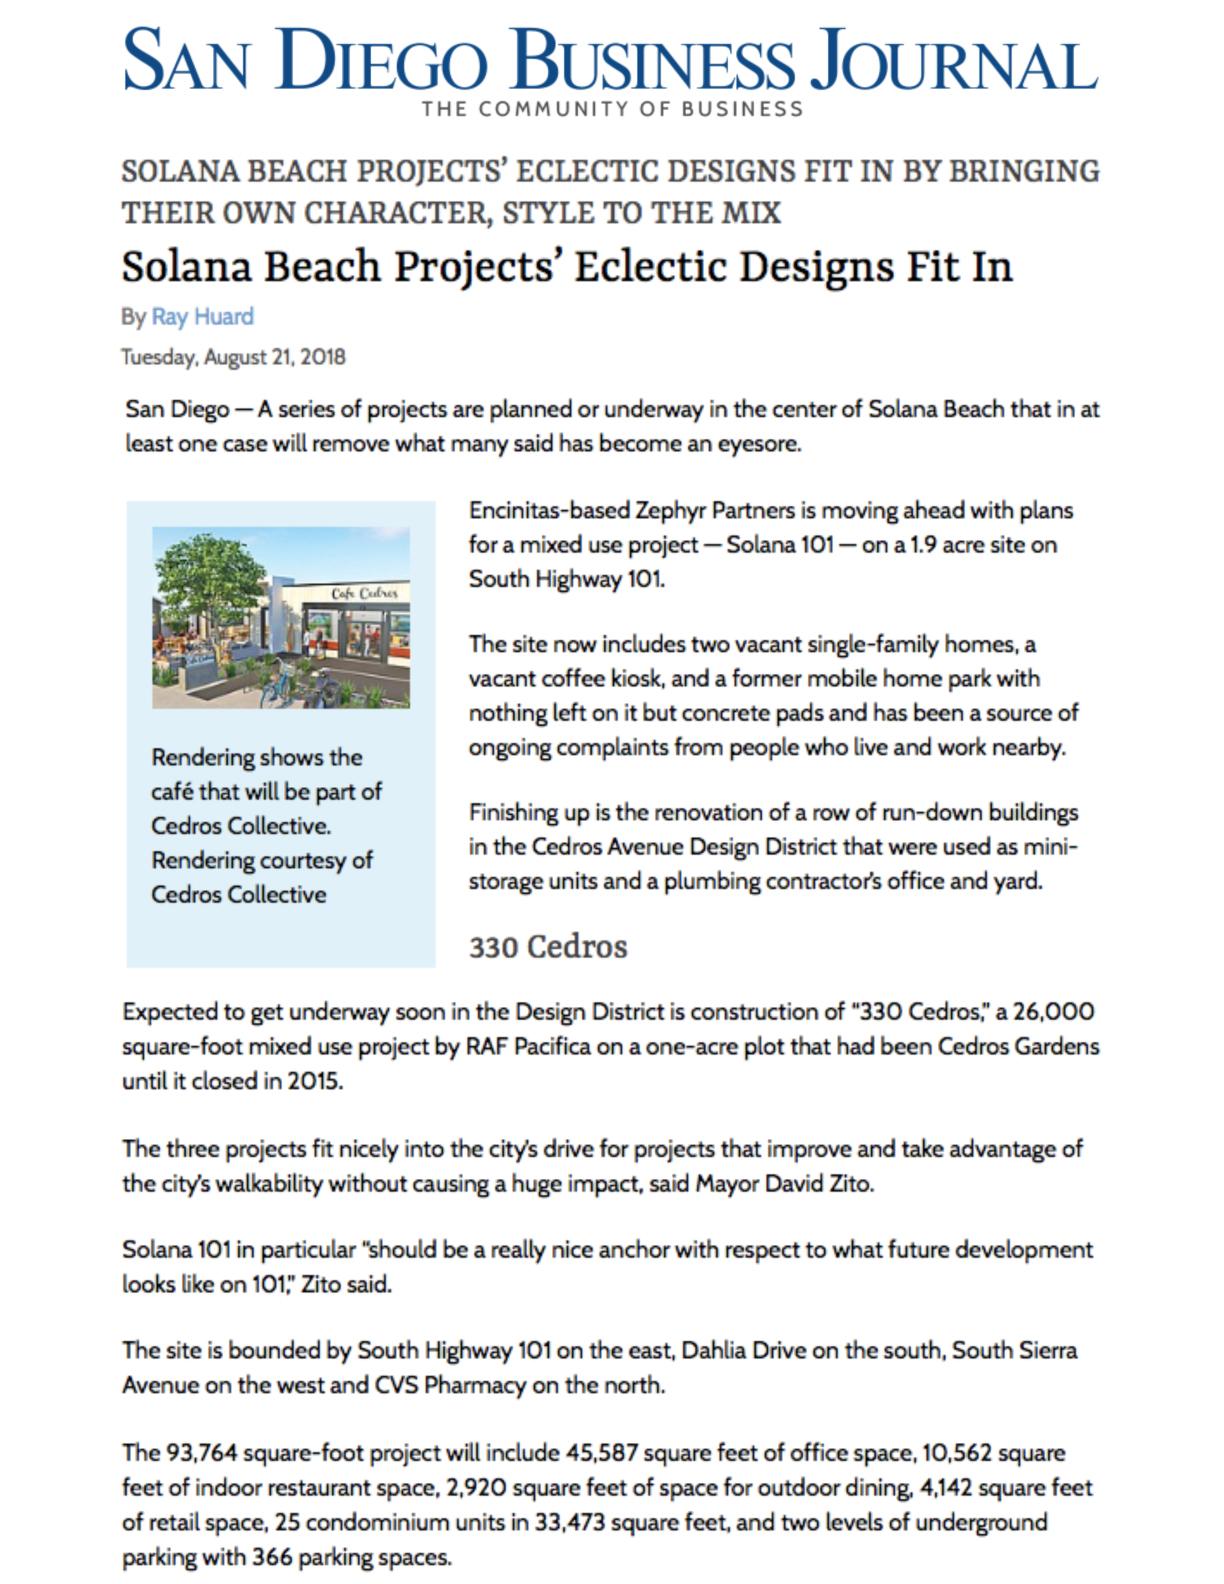 Handsome Salt - San Diego Business Journal - 082118.jpg